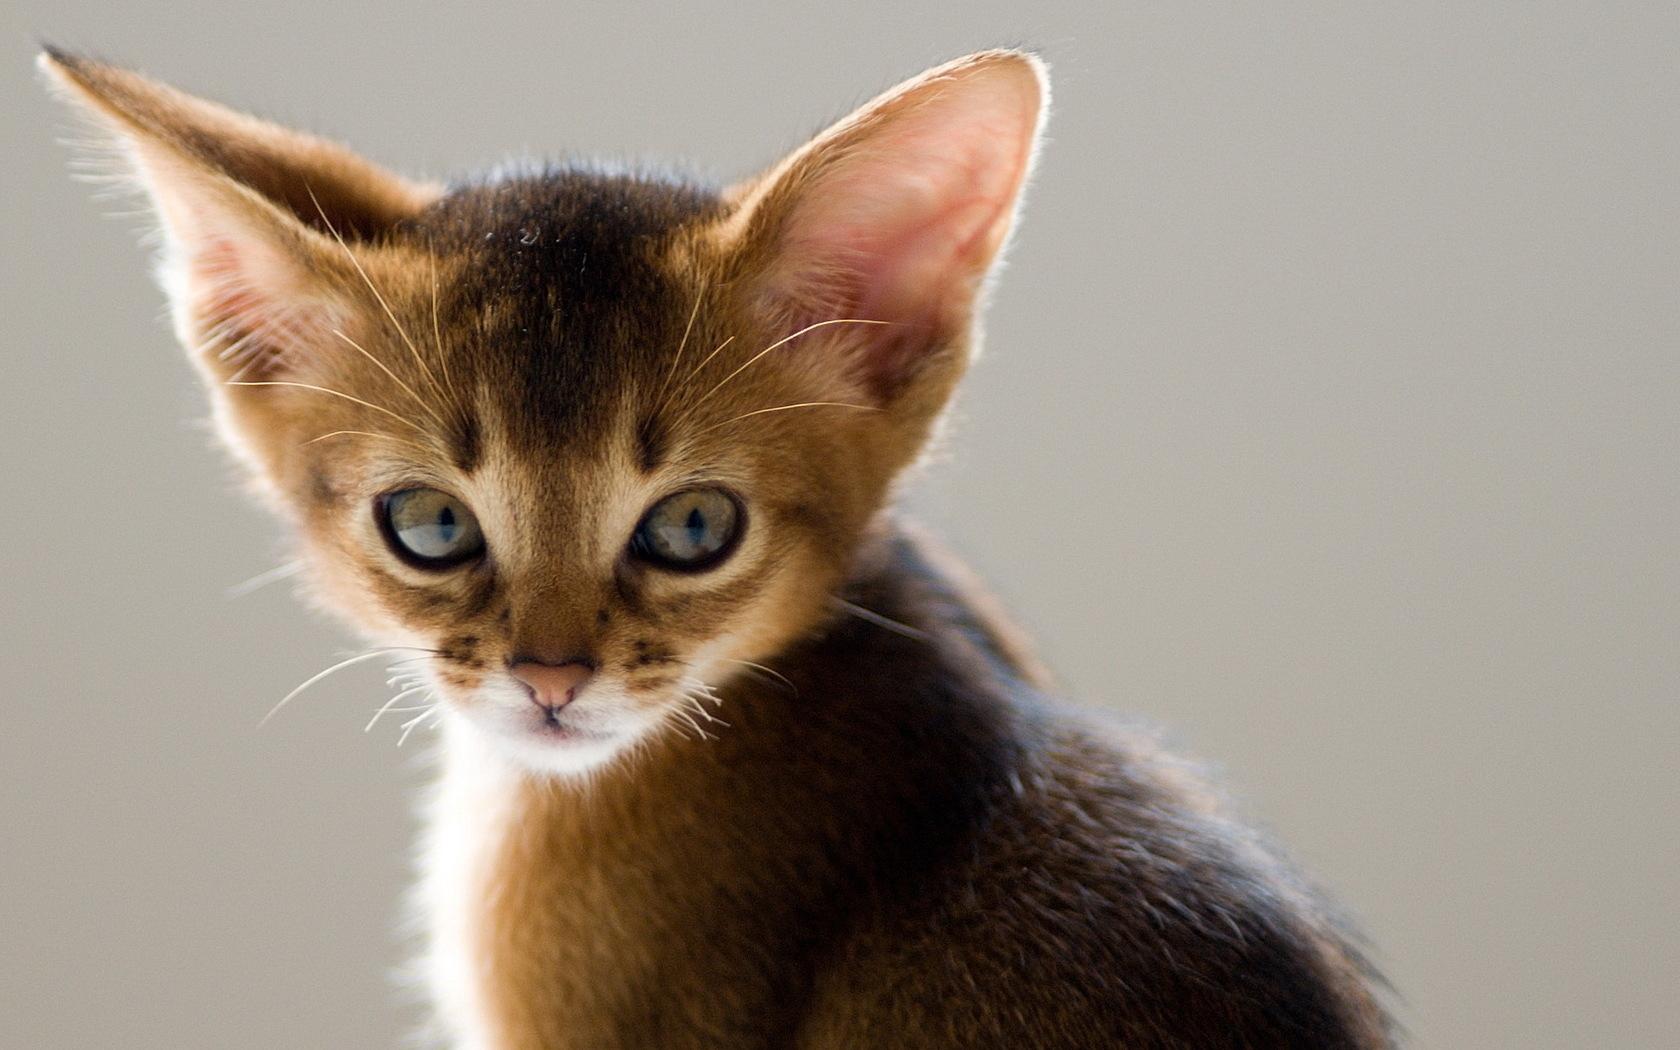 картинки пород кошек с большими ушами проектом